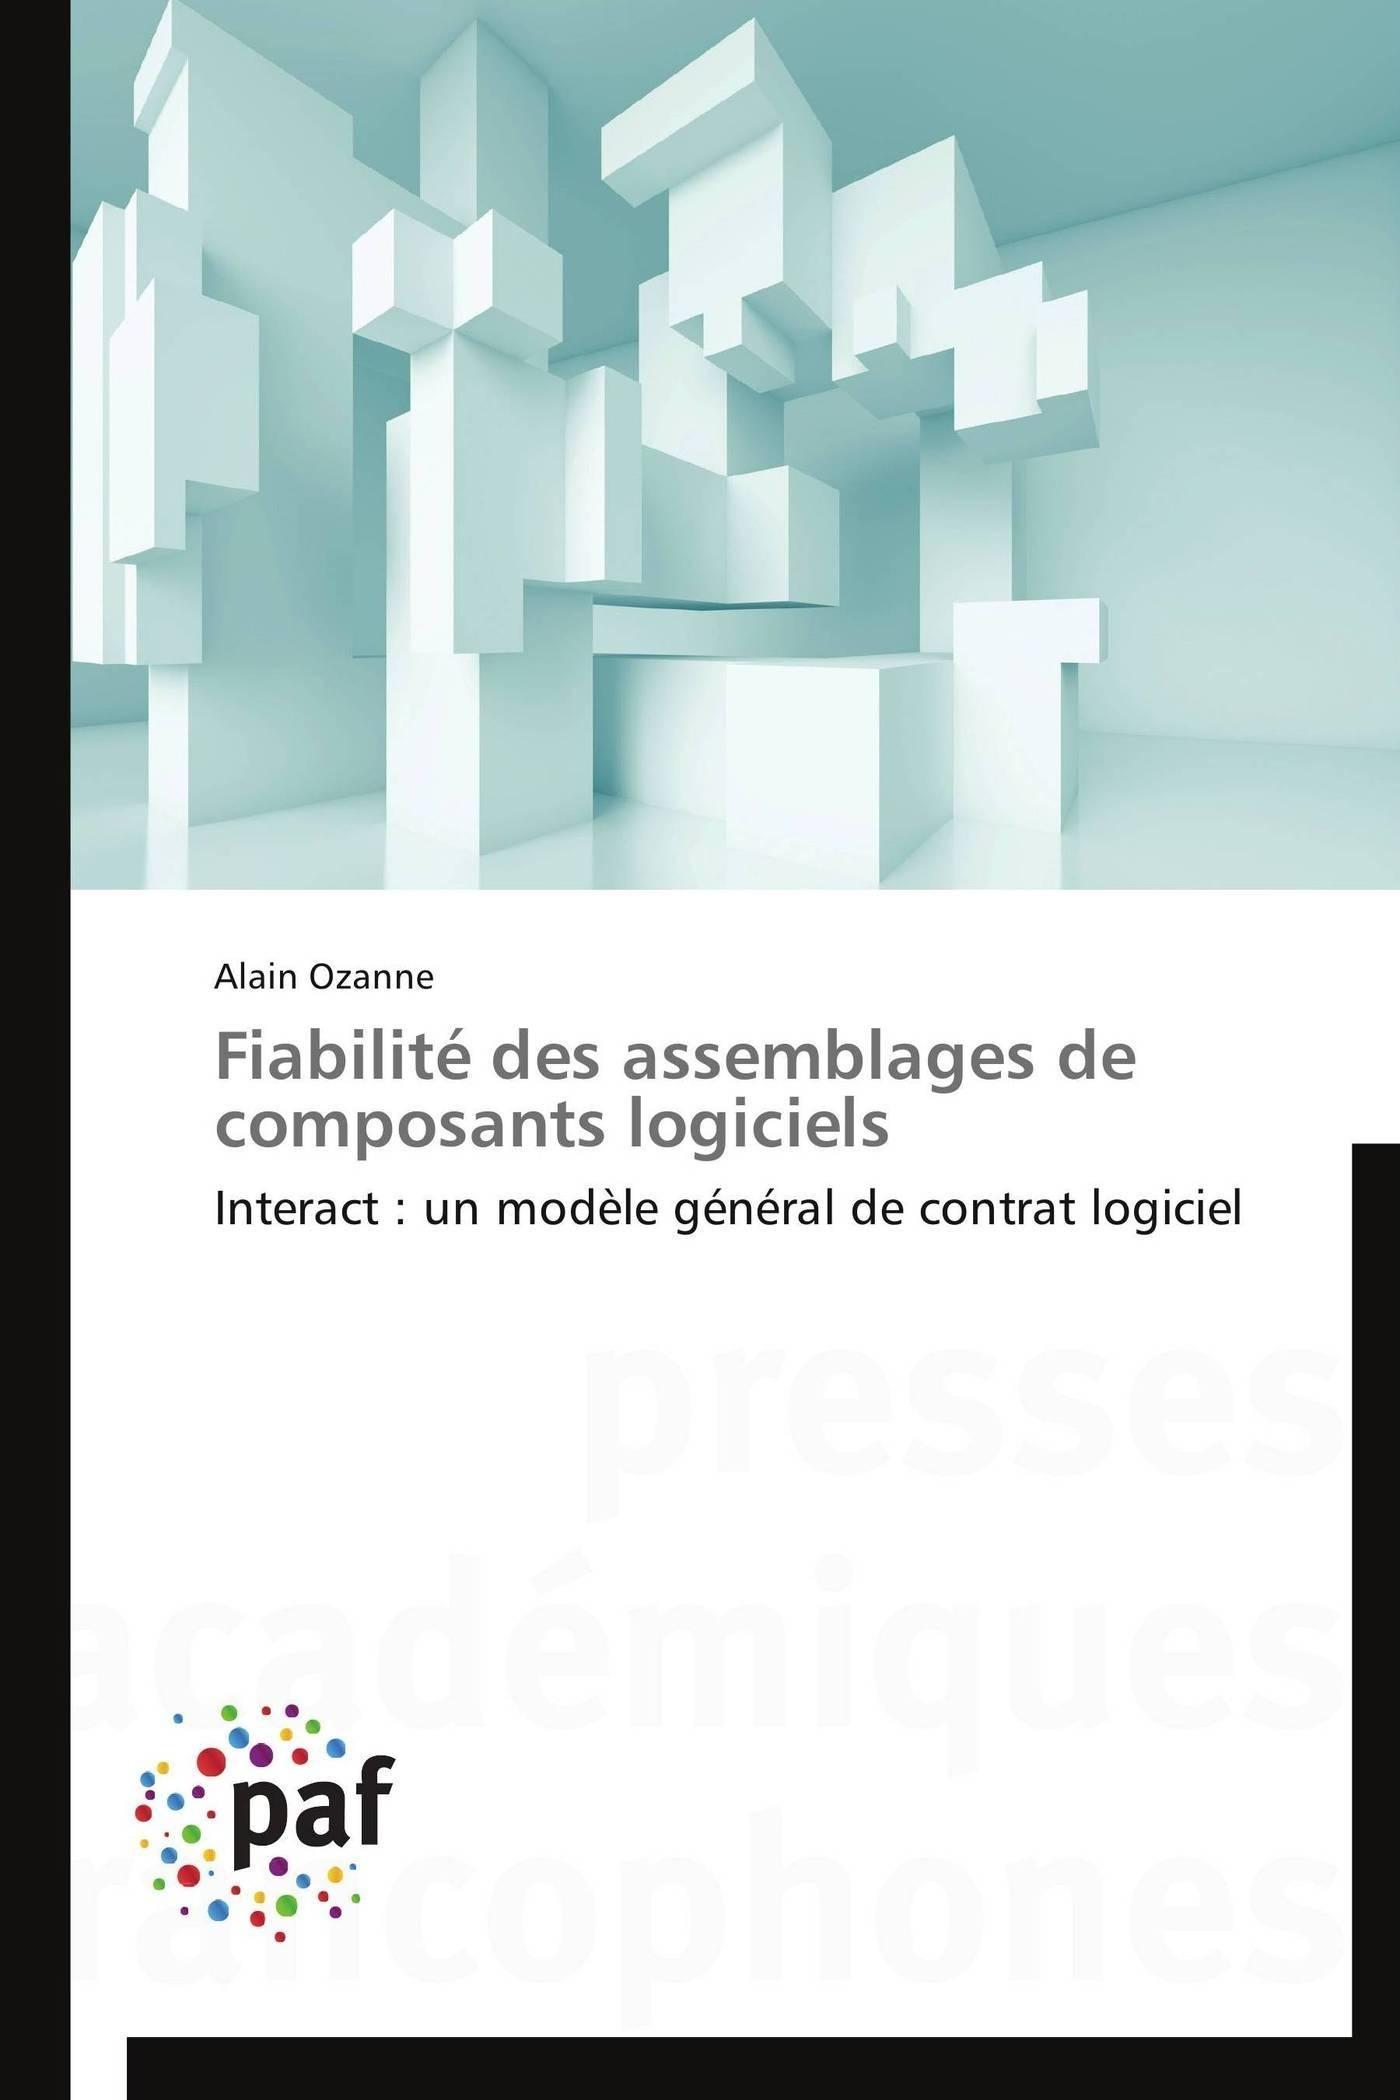 FIABILITE DES ASSEMBLAGES DE COMPOSANTS LOGICIELS